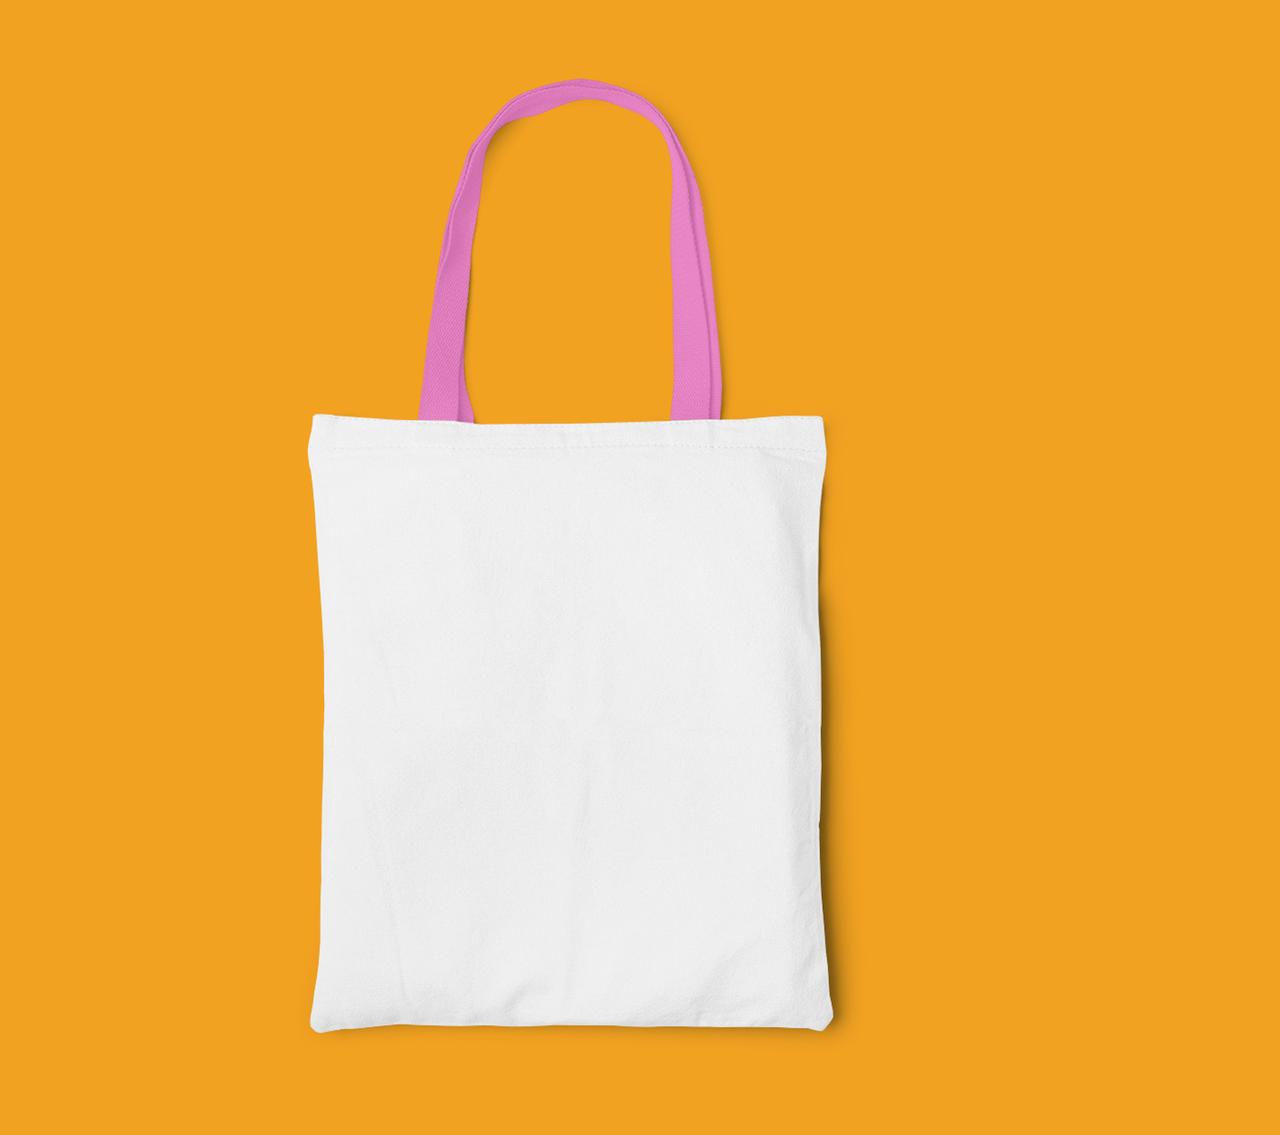 Пляжна сумка/Промо сумка (габардин) для сублімації з рожевою ручкою